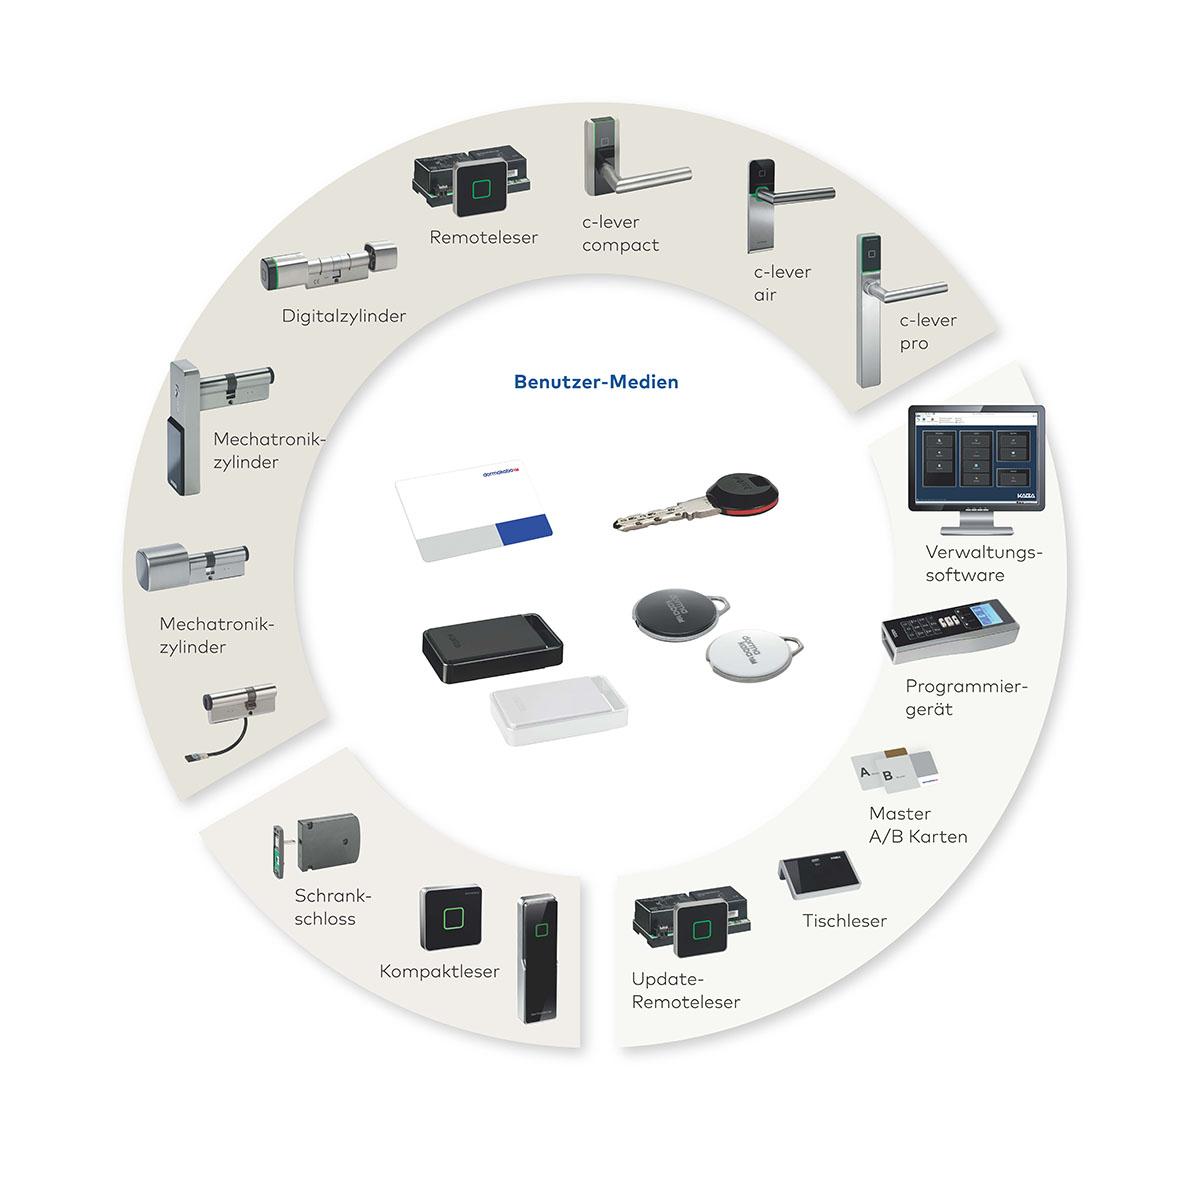 Die umfassende Produktpalette für Zutrittskontrolle von Dormakaba